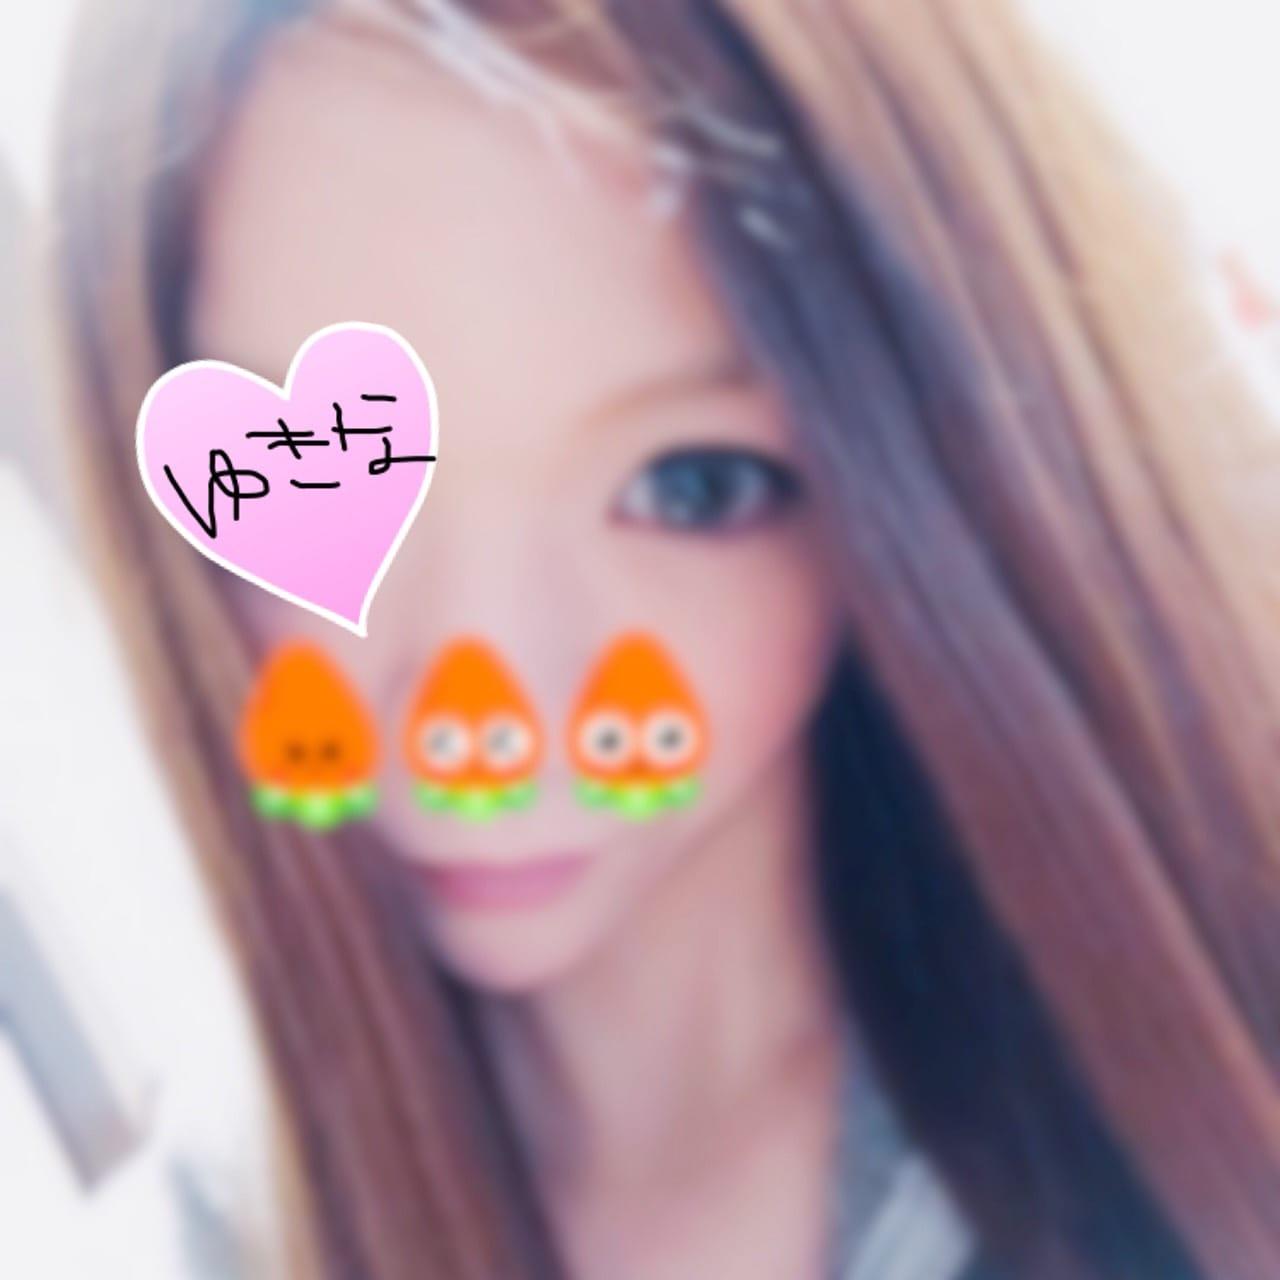 「ゆきなです!」04/13(金) 21:10 | ゆきなの写メ・風俗動画